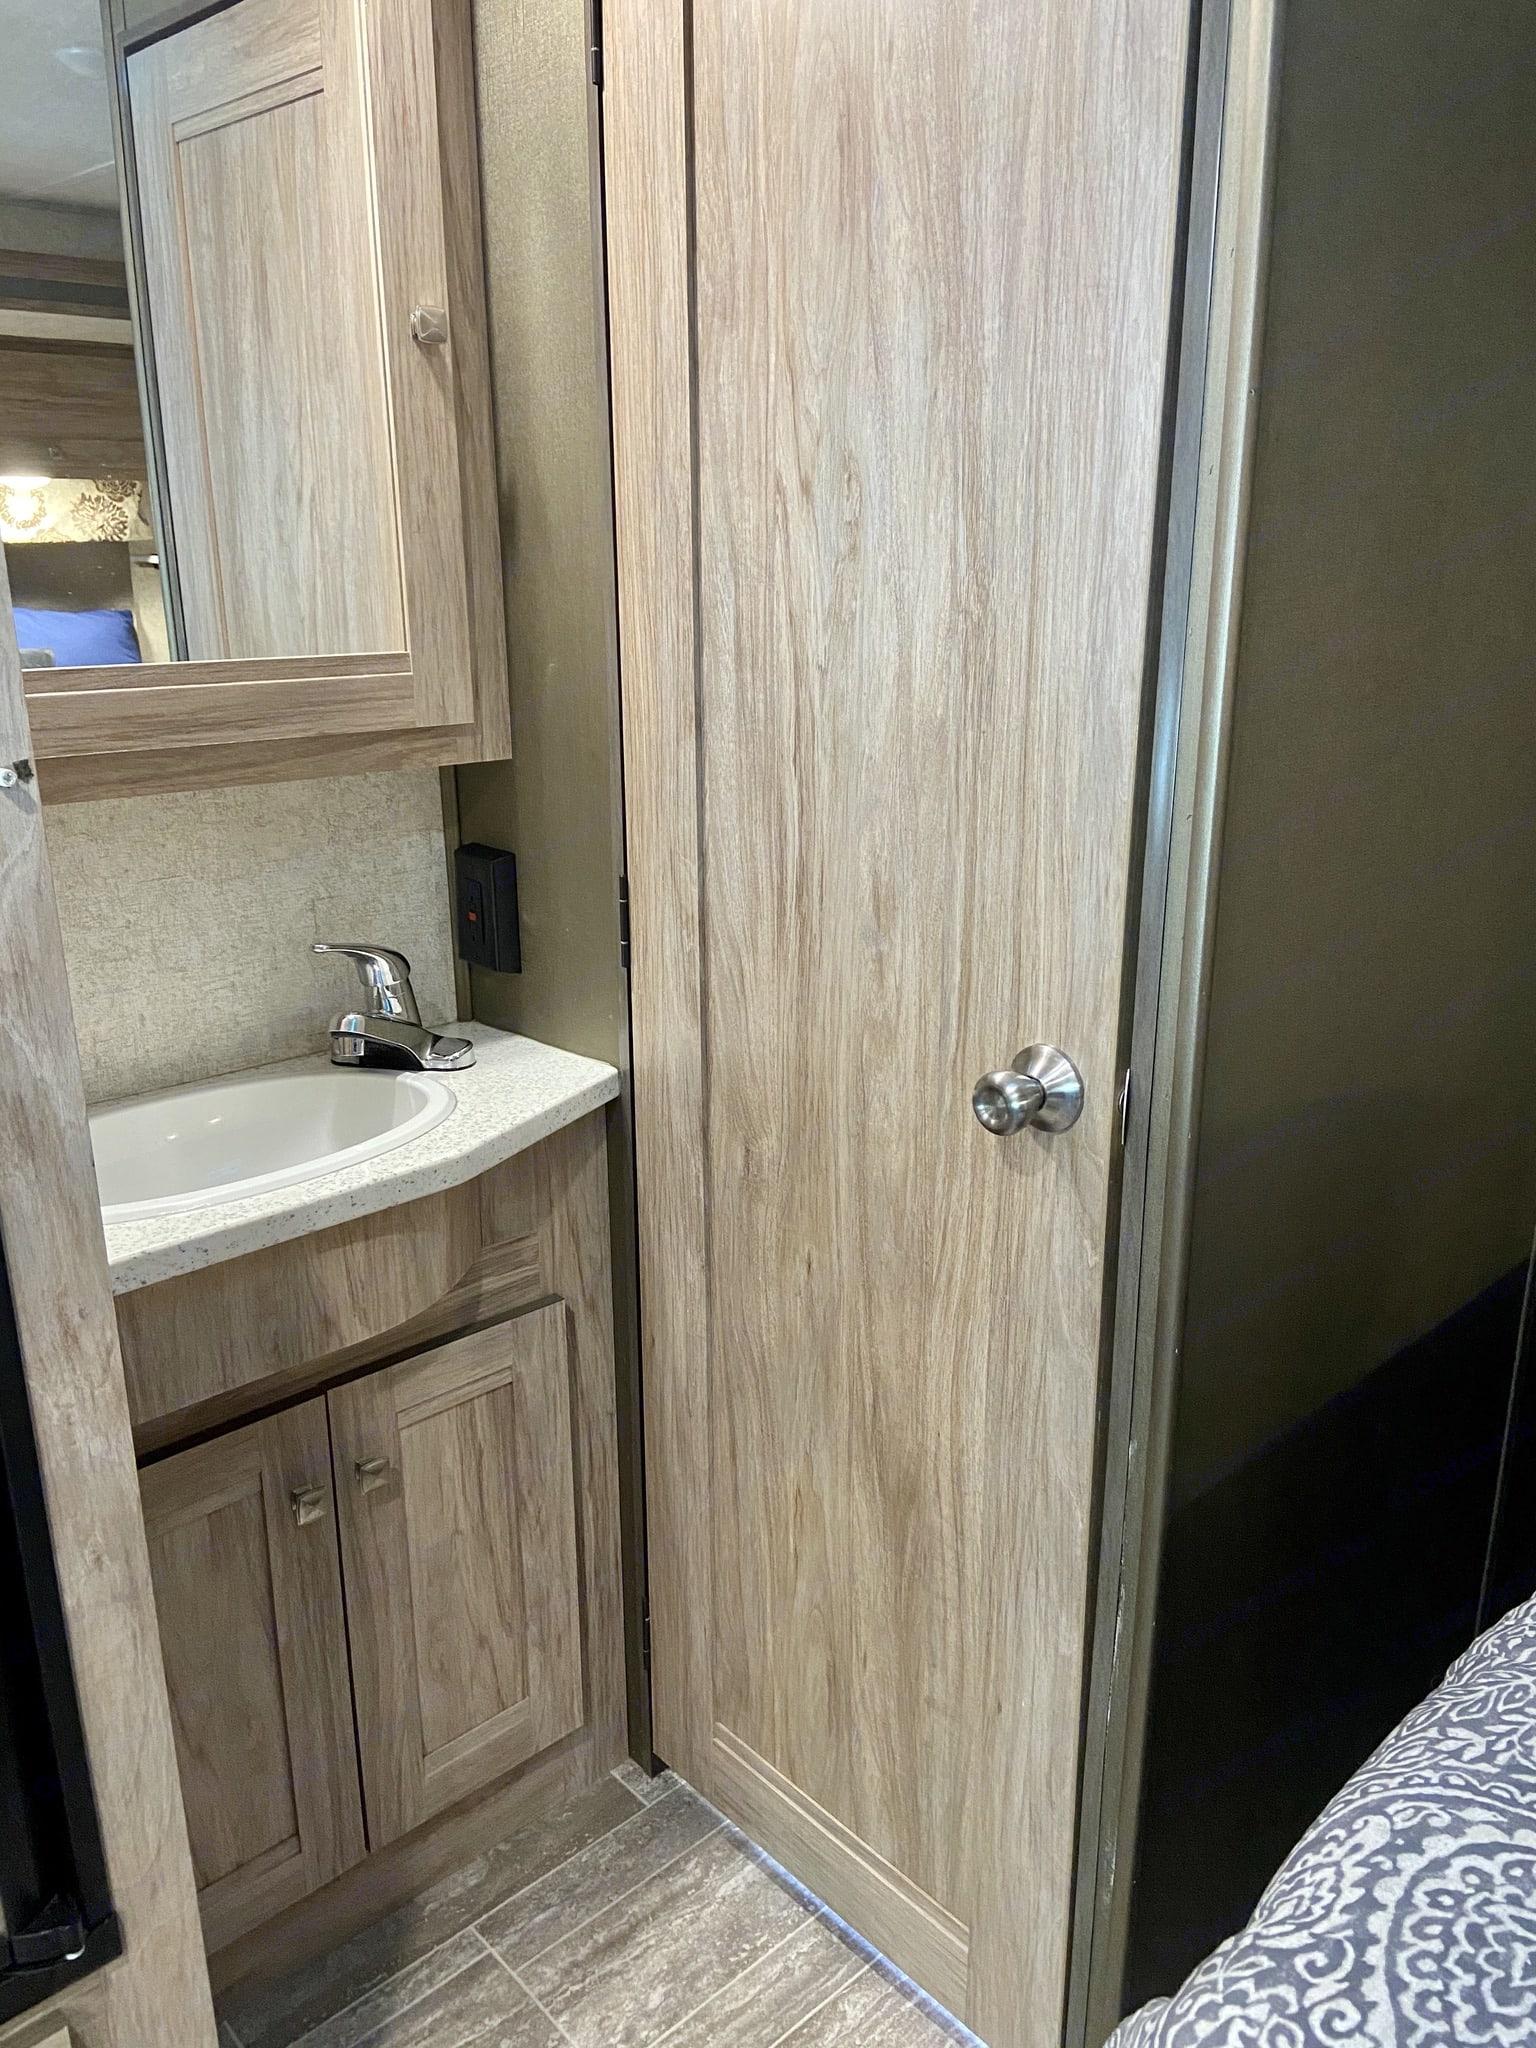 Bathroom sink. Forest River Forester 2020